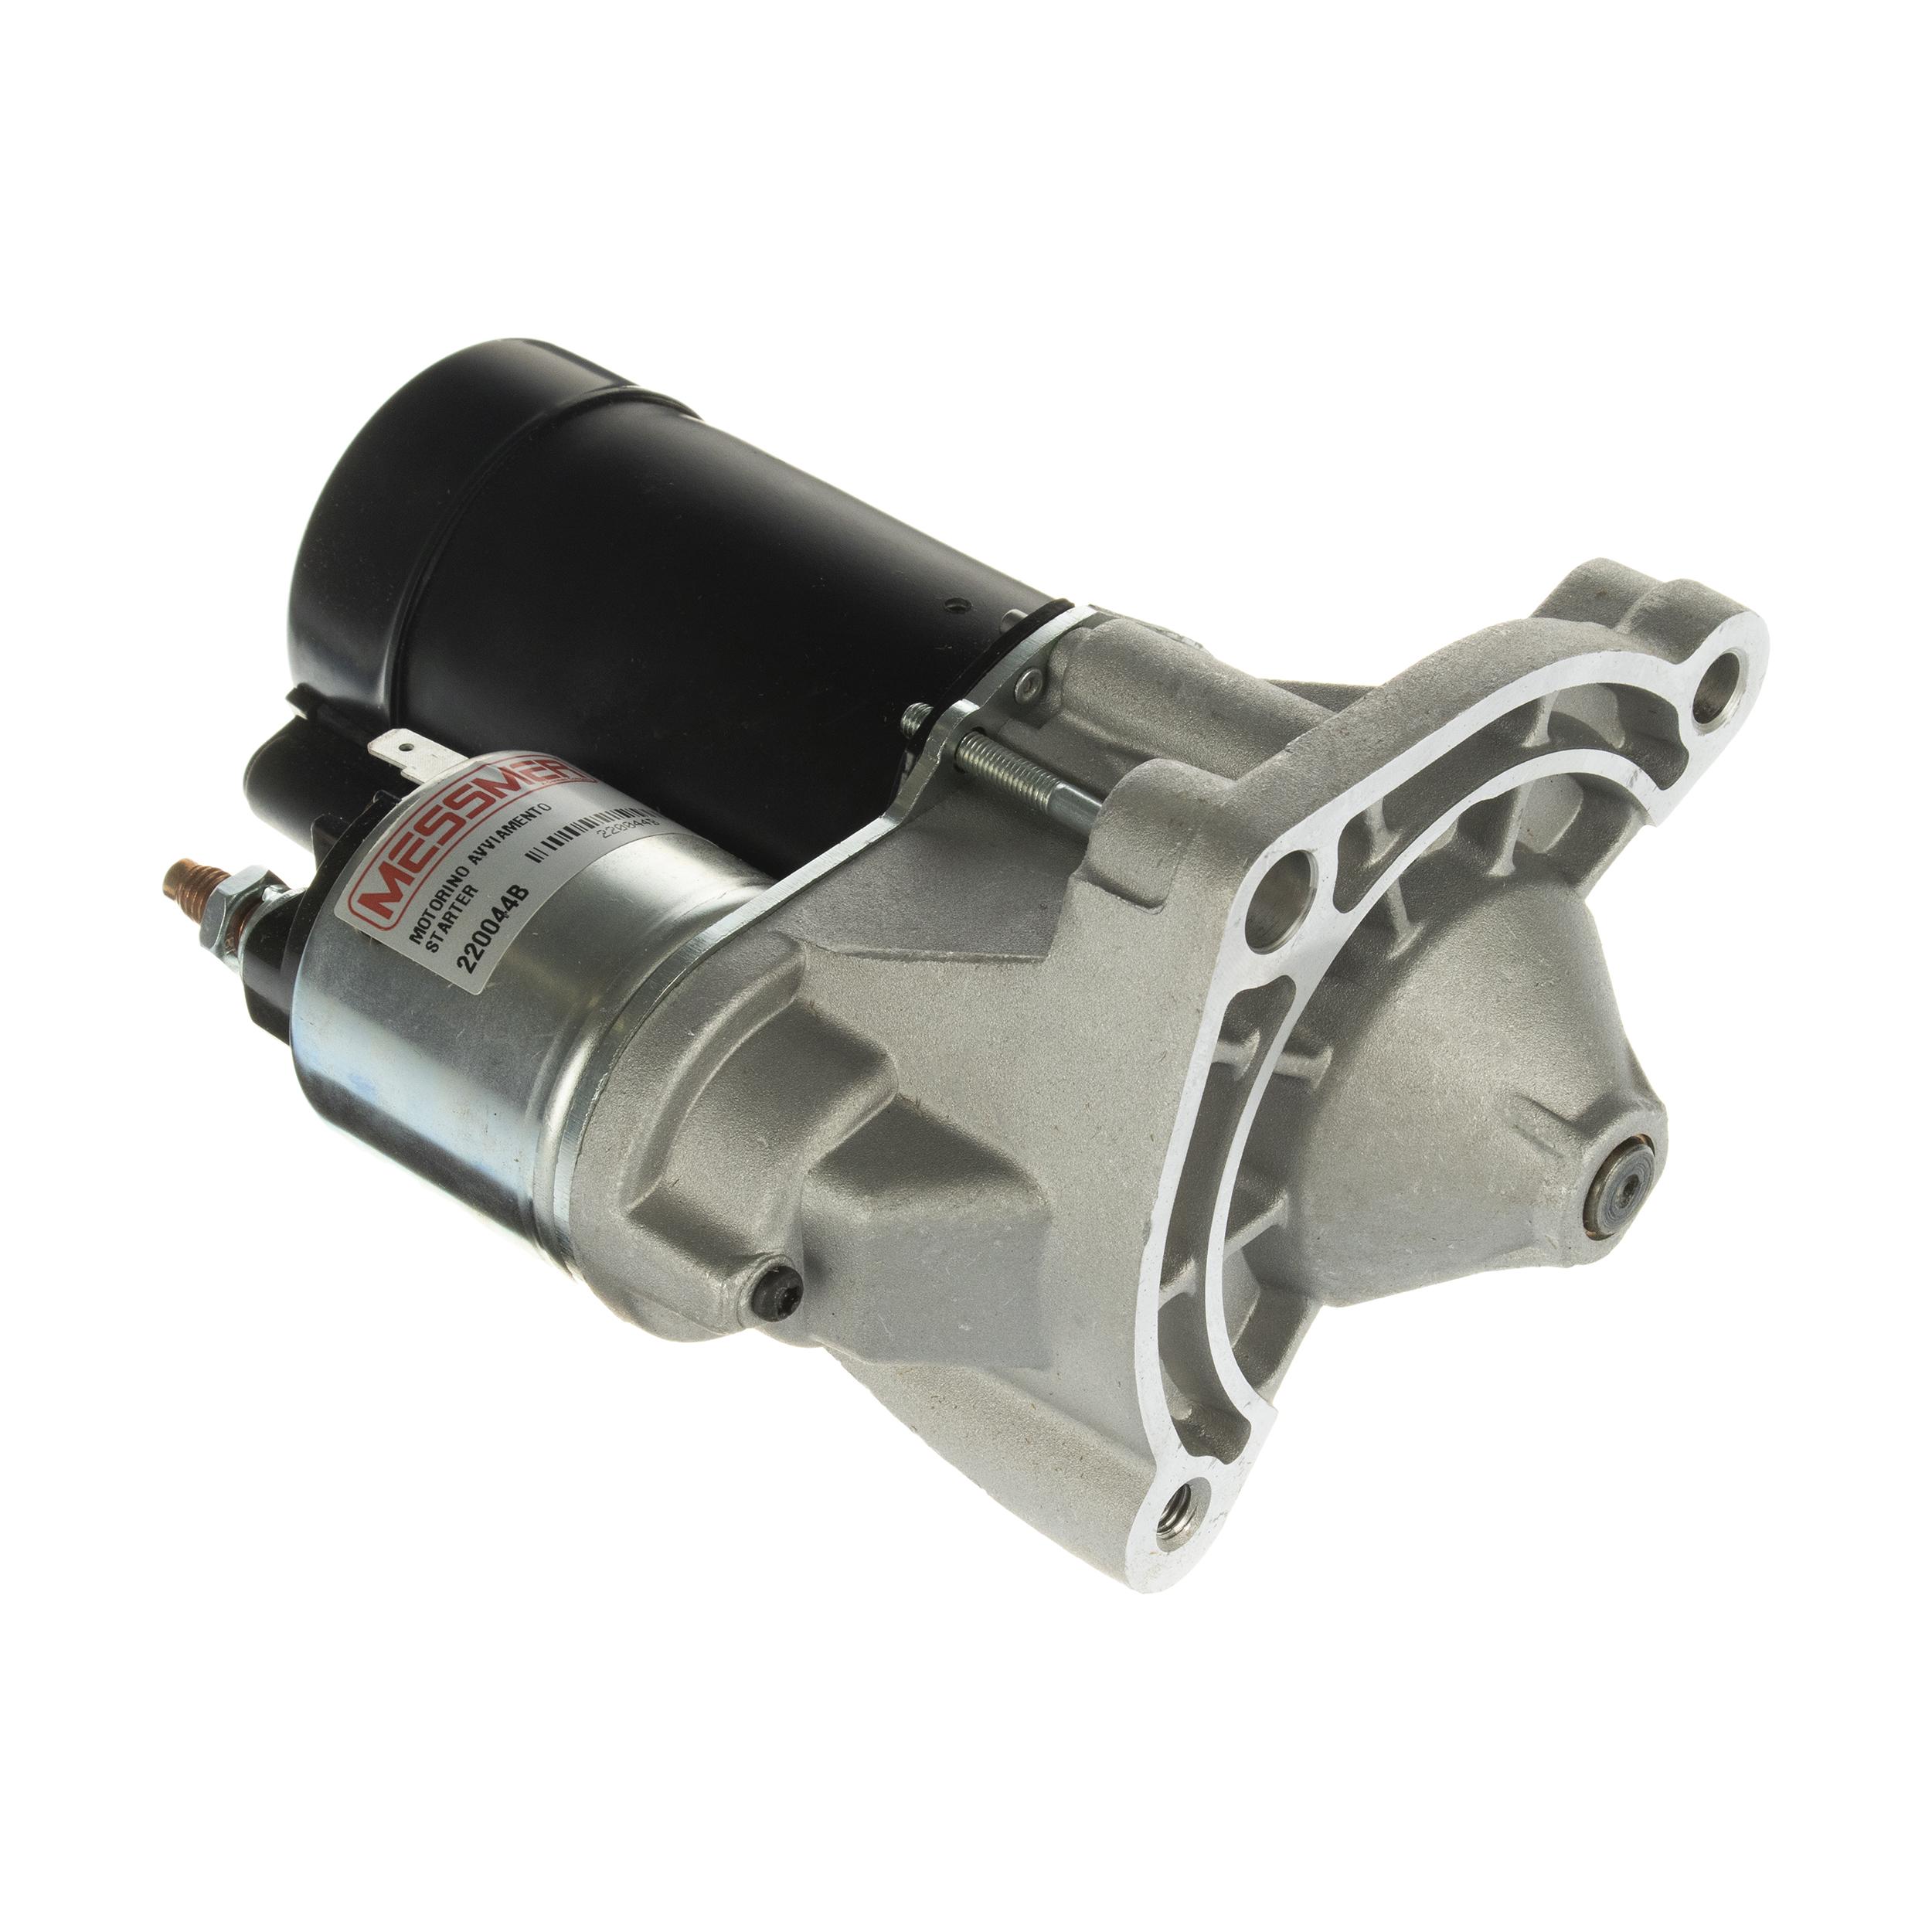 استارت مسمر مدل 220044B کد 10 مناسب برای پژو 206